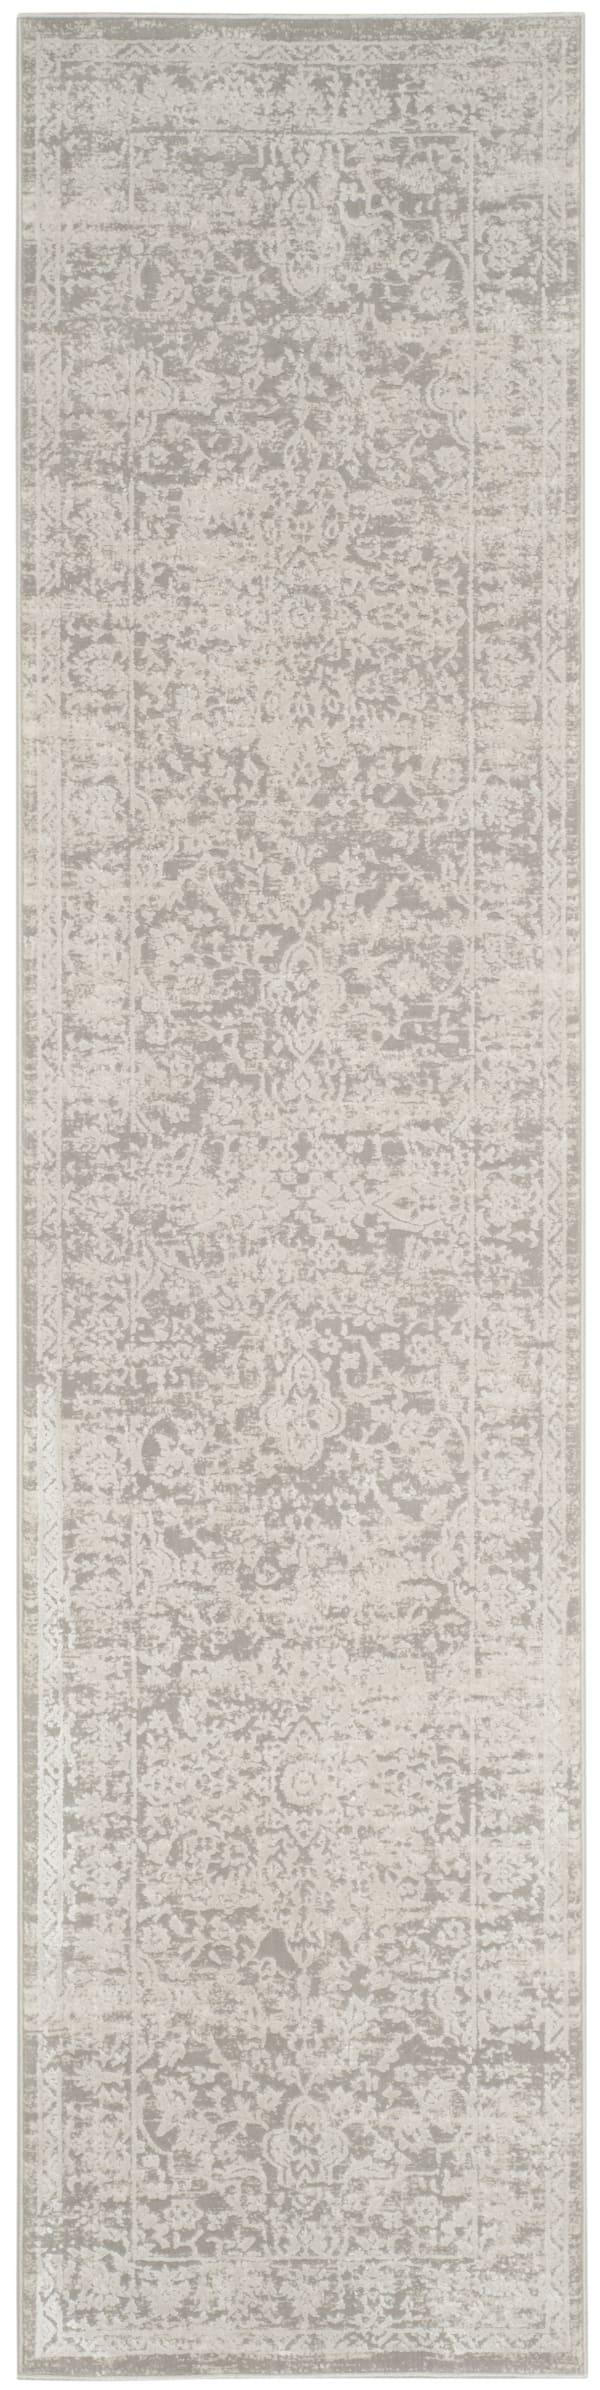 Haden 712 2' X 8' Gray Polyester Rug